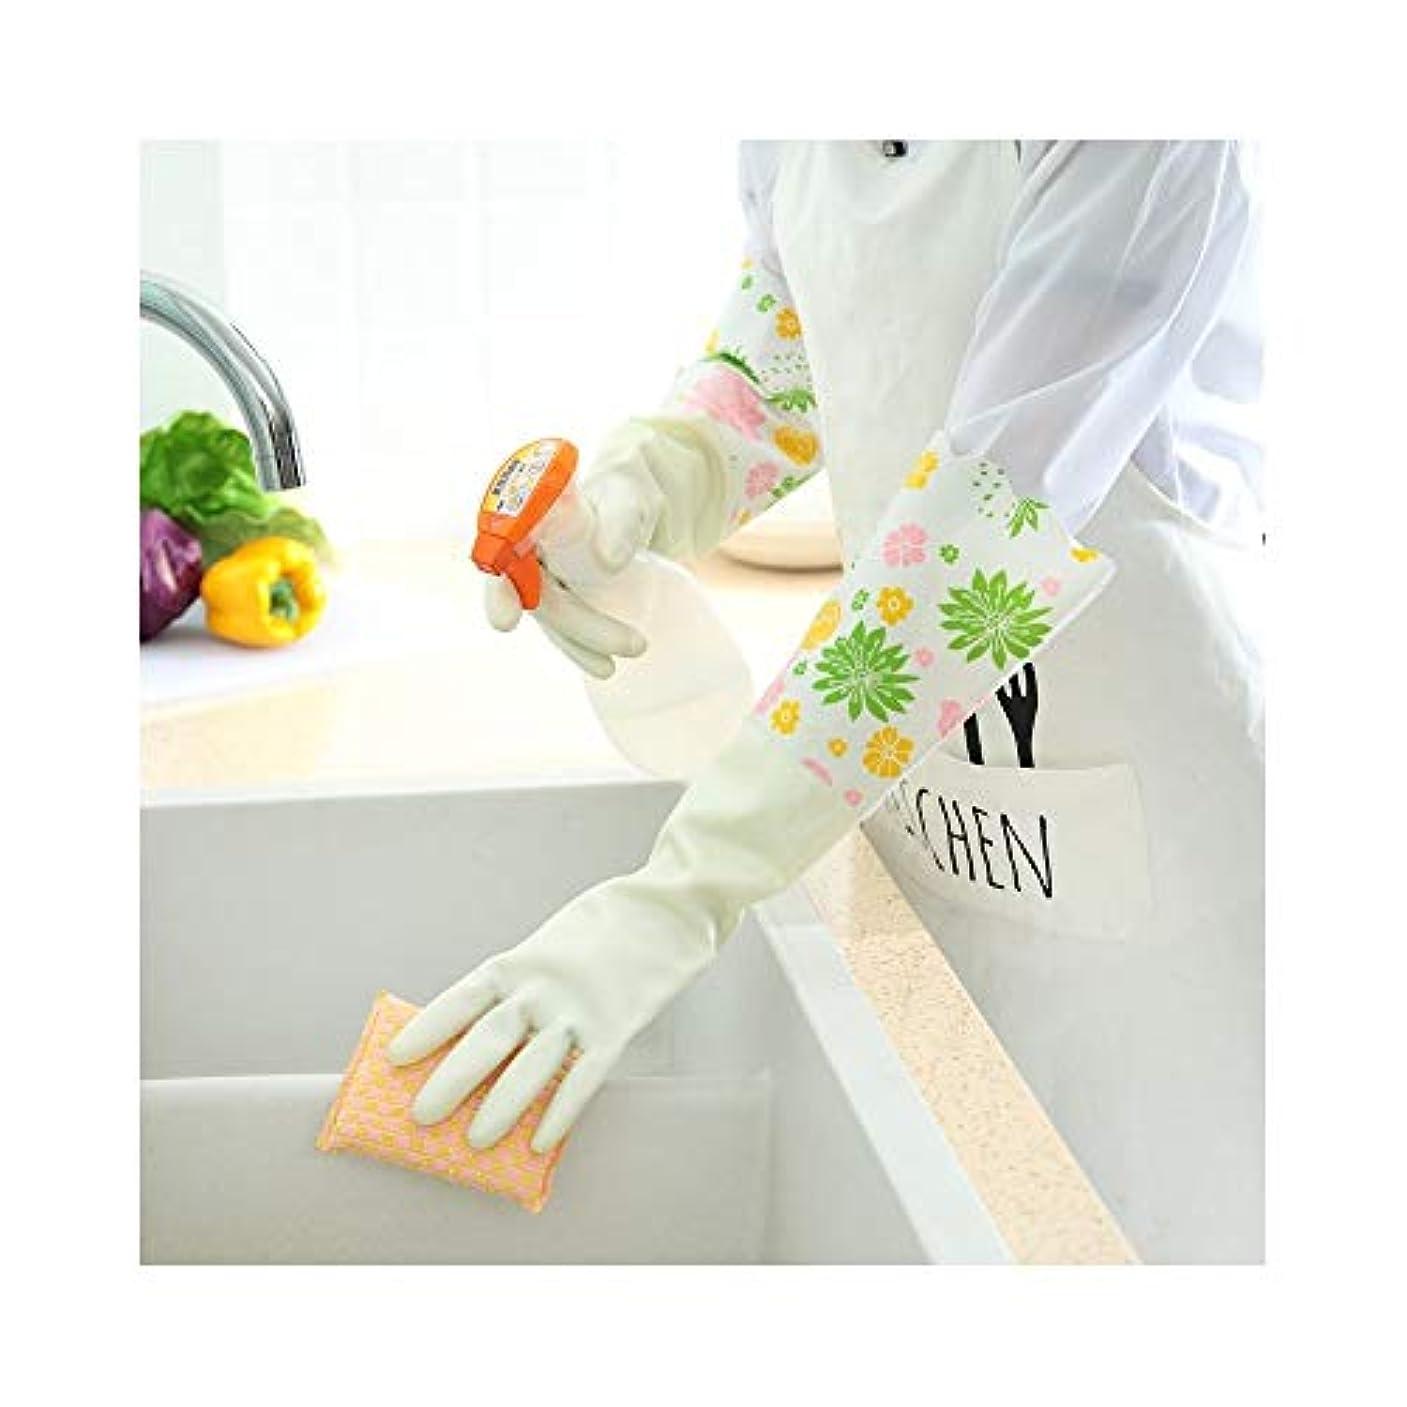 縫い目運賃設計図ニトリルゴム手袋 キッチン用手袋防水性と耐久性のあるゴム製家事用手袋、1ペア 使い捨て手袋 (Color : GREEN, Size : L)